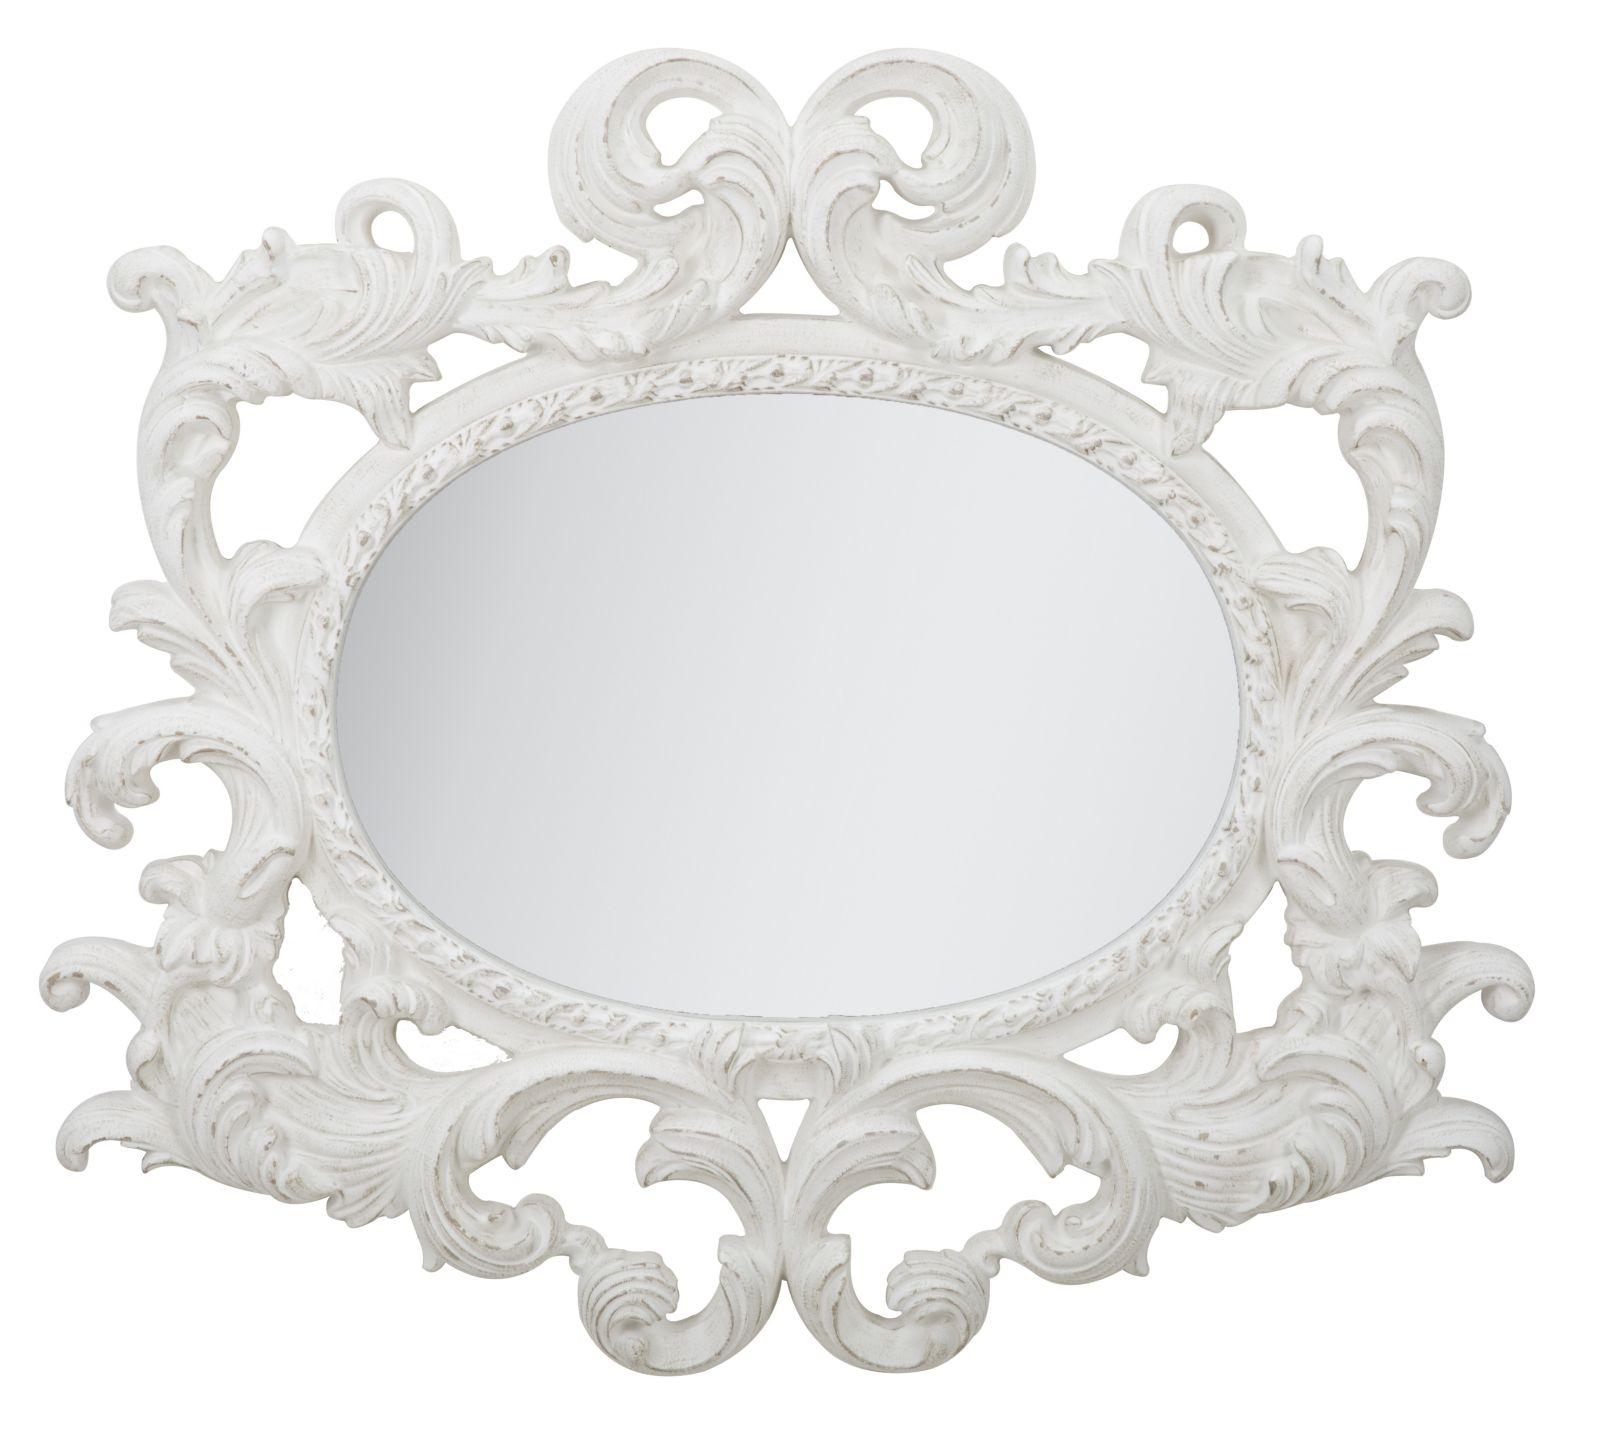 Oglinda decorativa Siwt